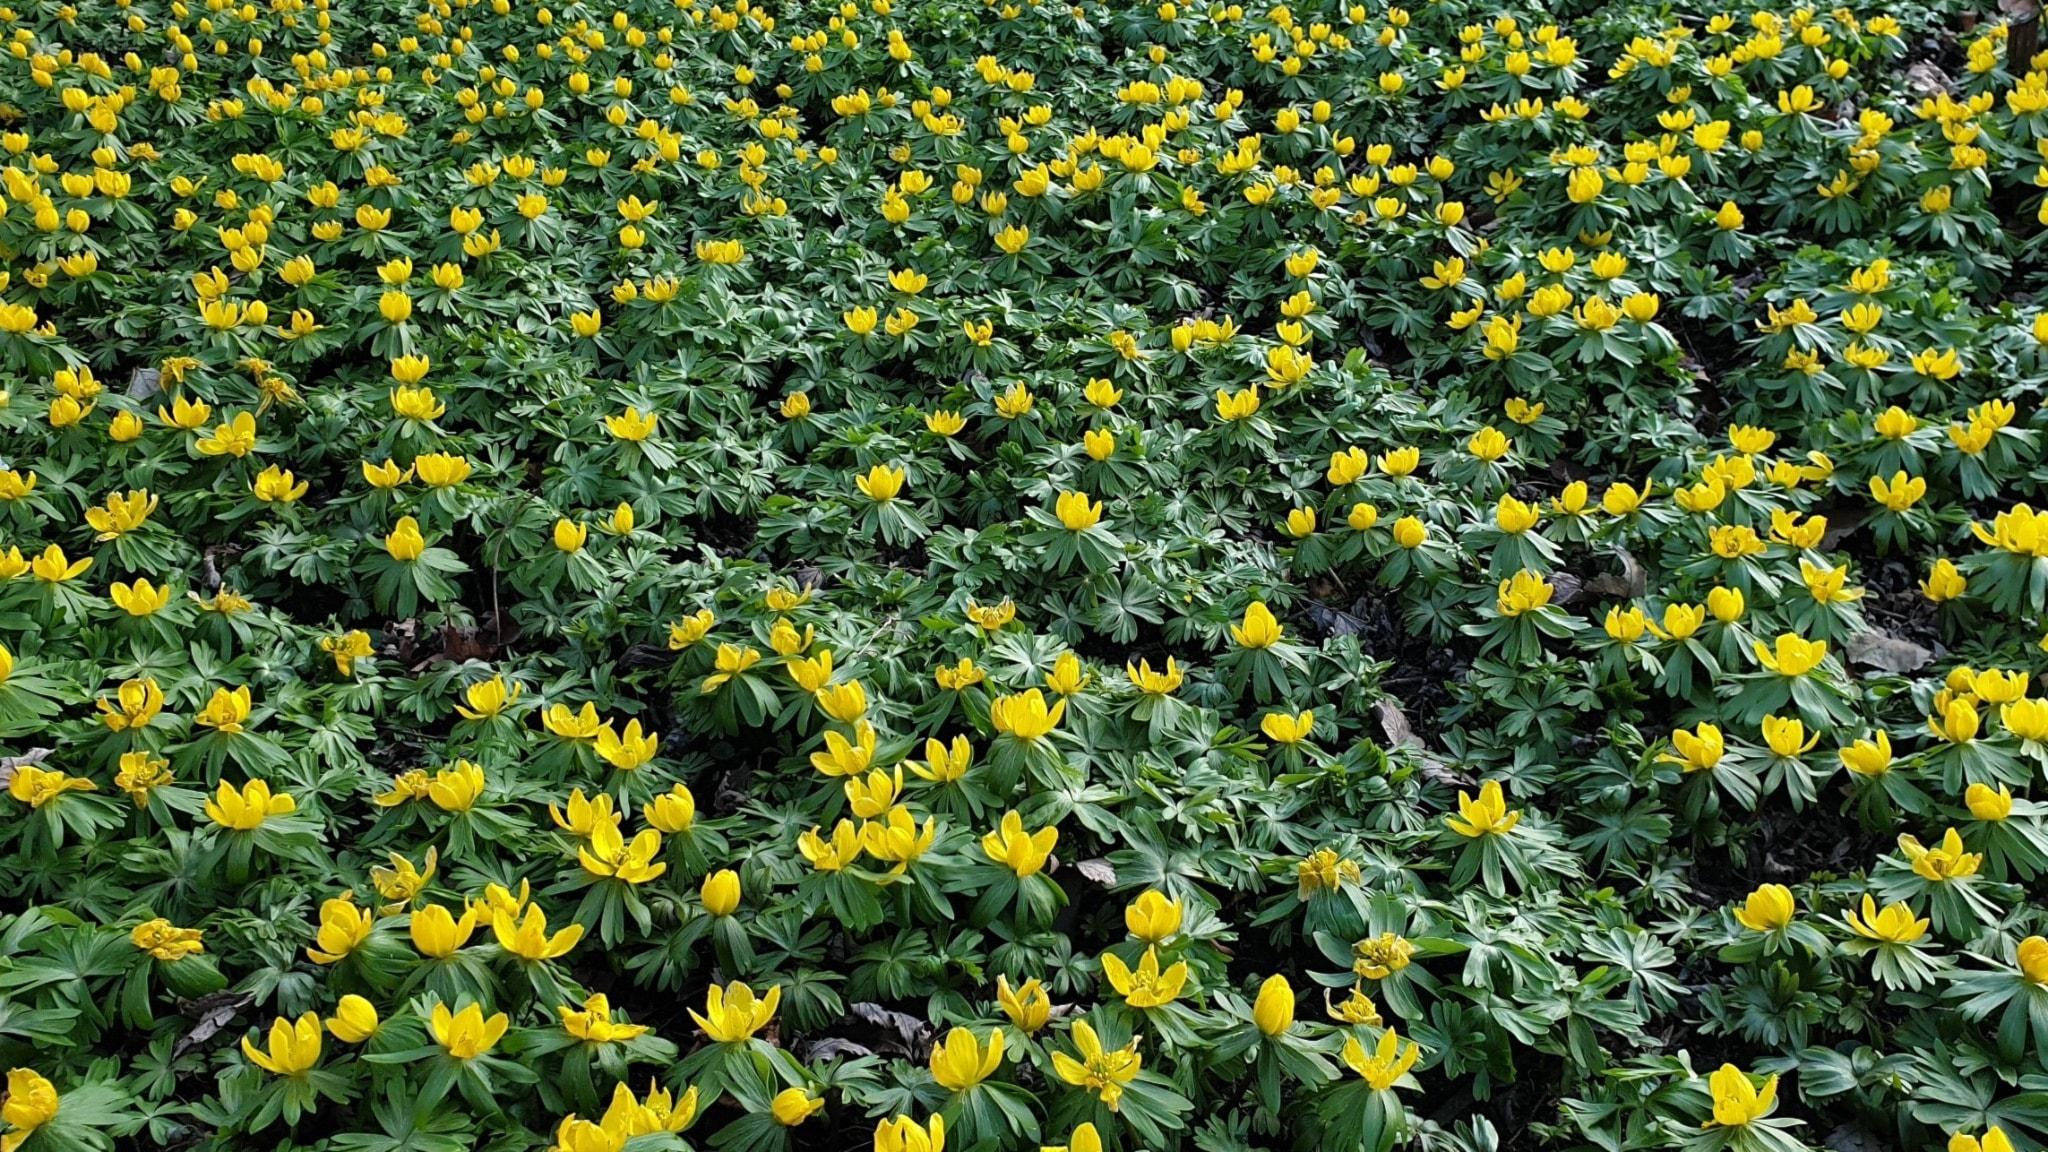 En matta av gula små blommor, vintergäck med gröna blad.